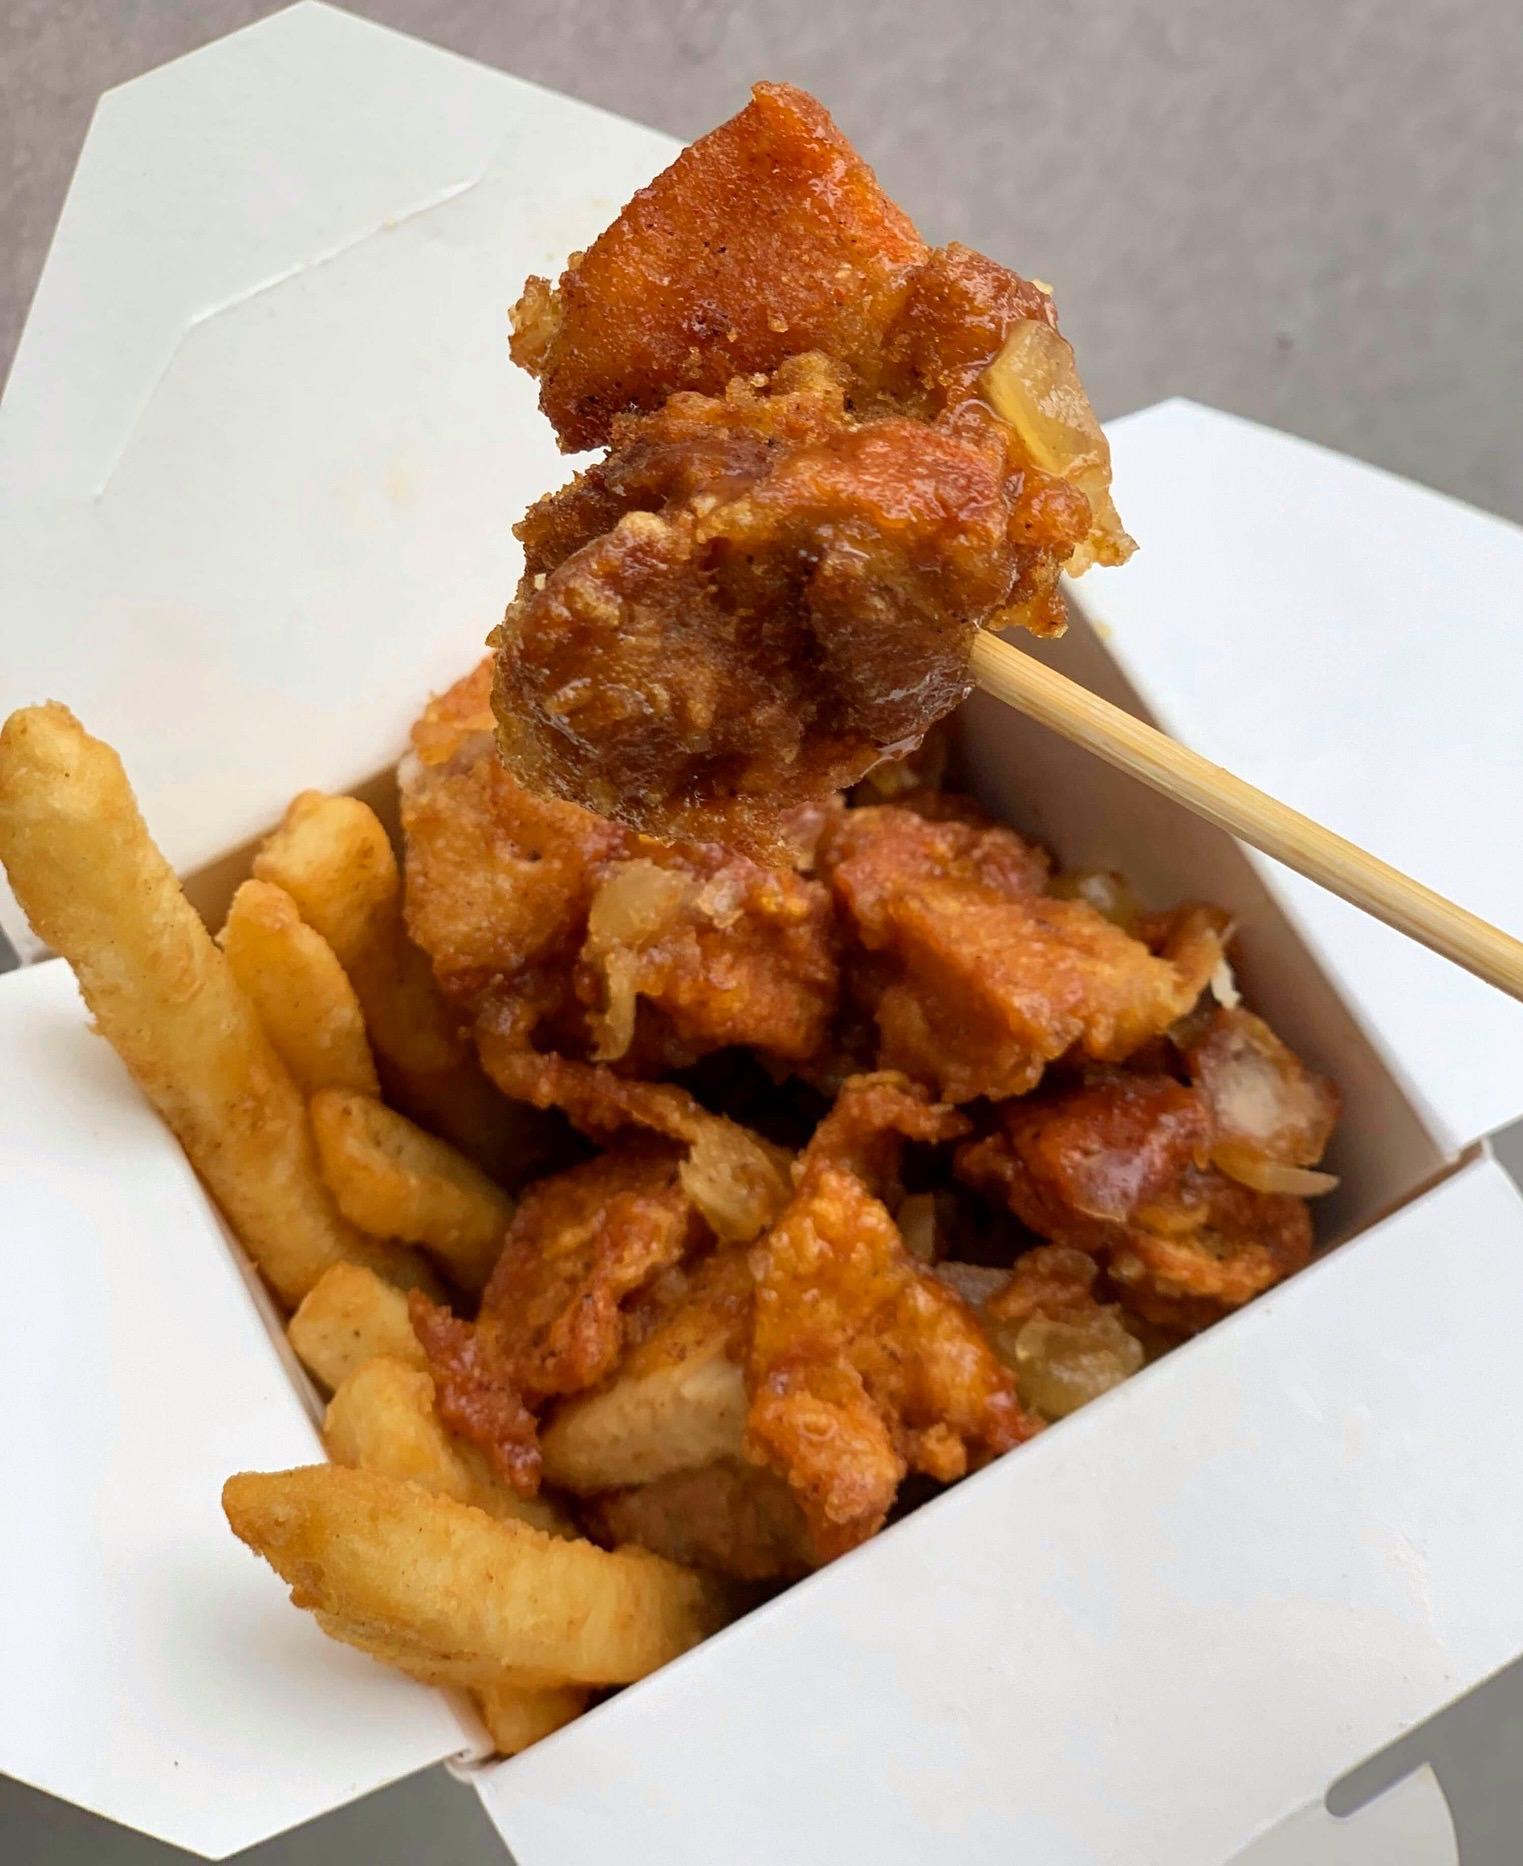 [臺南美食] 歐巴韓式炸雞 - 想吃香噴噴的韓式炸雞就在這裡啦! - 臺北阿青的部落格